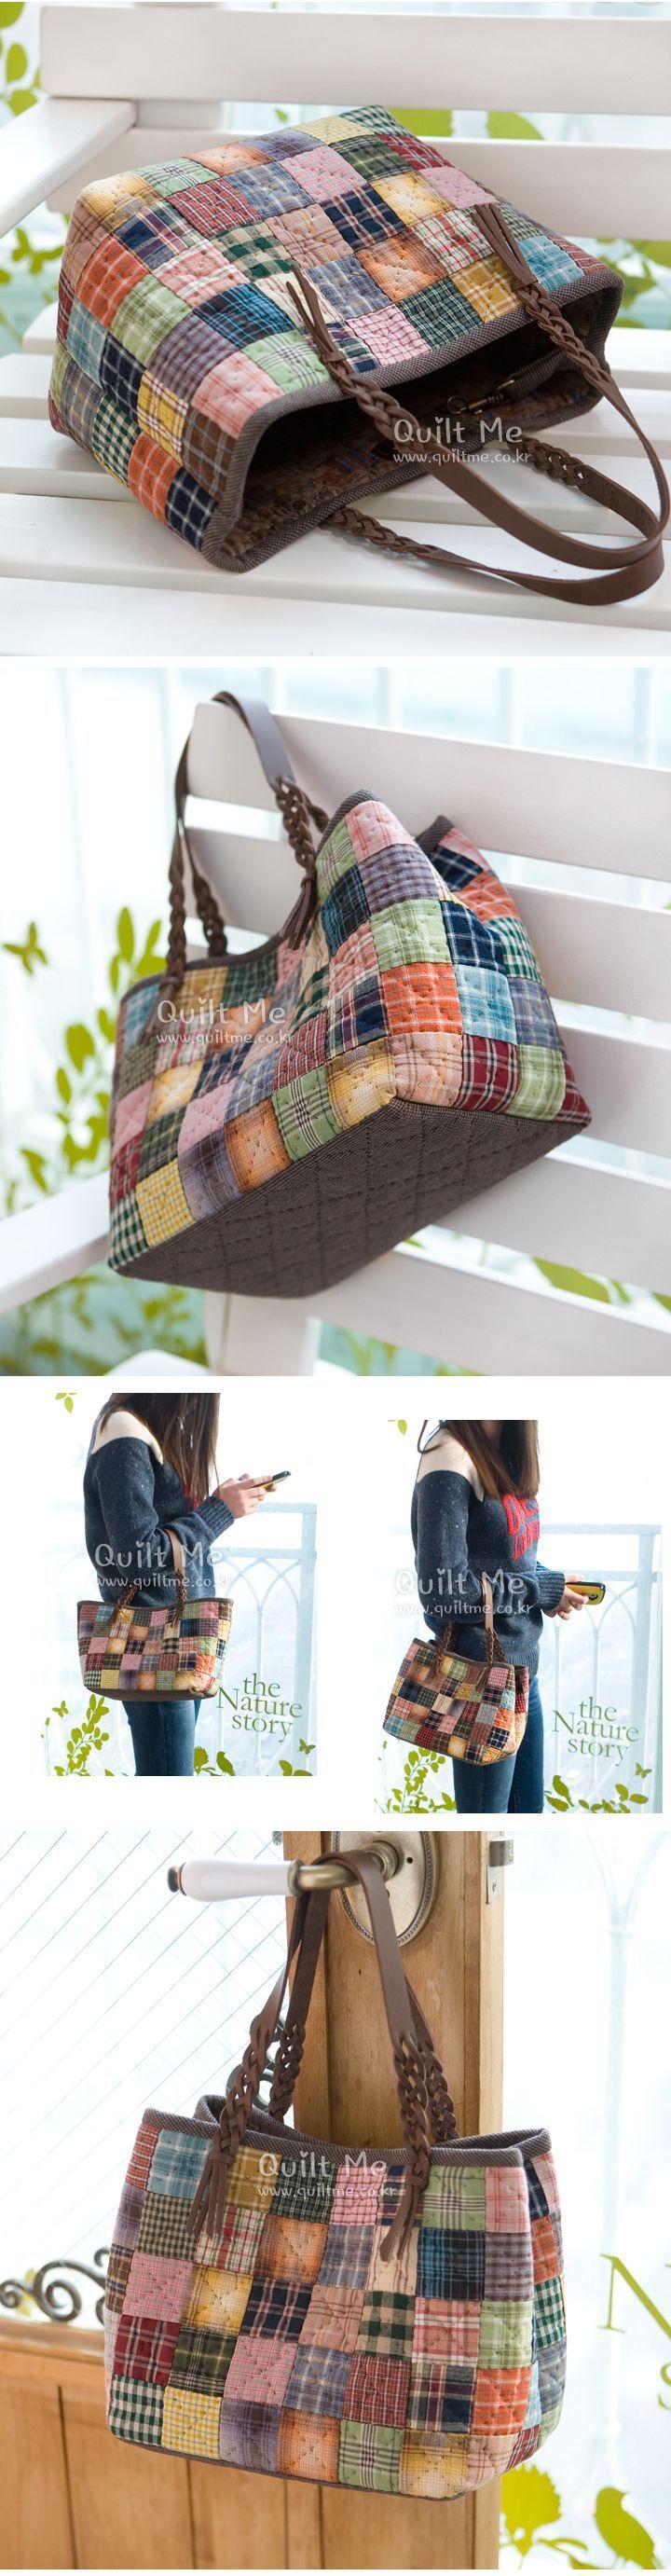 Bolso de mano | Complementos y demás patchwork | Pinterest | Nähen ...